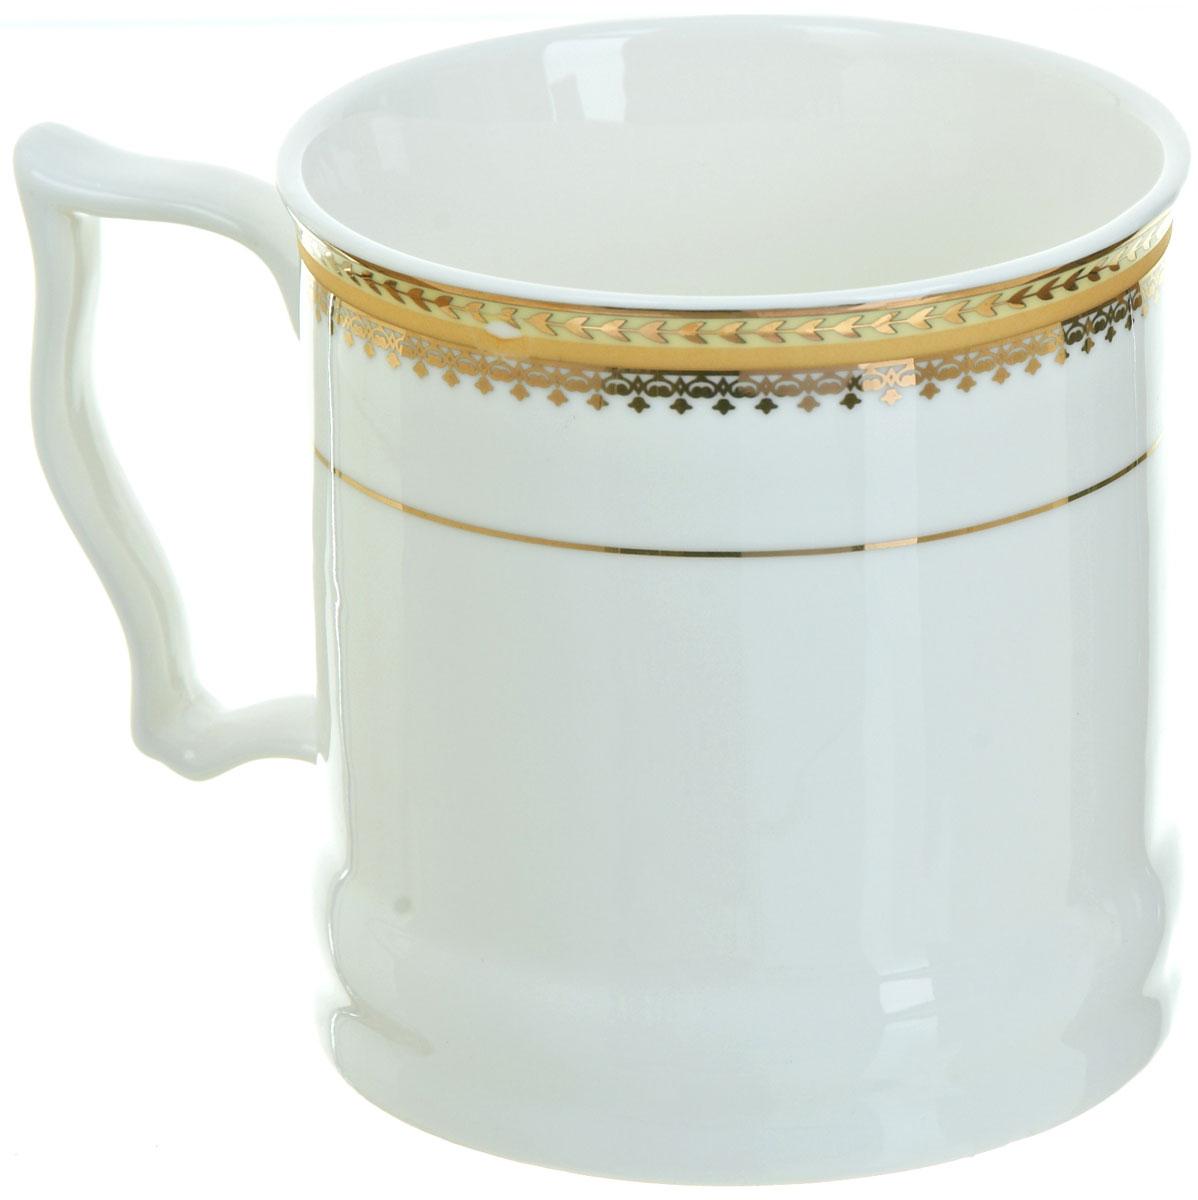 Кружка BHP Королевская кружка, 500 мл. M187000954 009312Оригинальная кружка Best Home Porcelain, выполненная из высококачественного фарфора, сочетает в себе простой, утонченный дизайн с максимальной функциональностью. Можно использовать в посудомоечной машине.